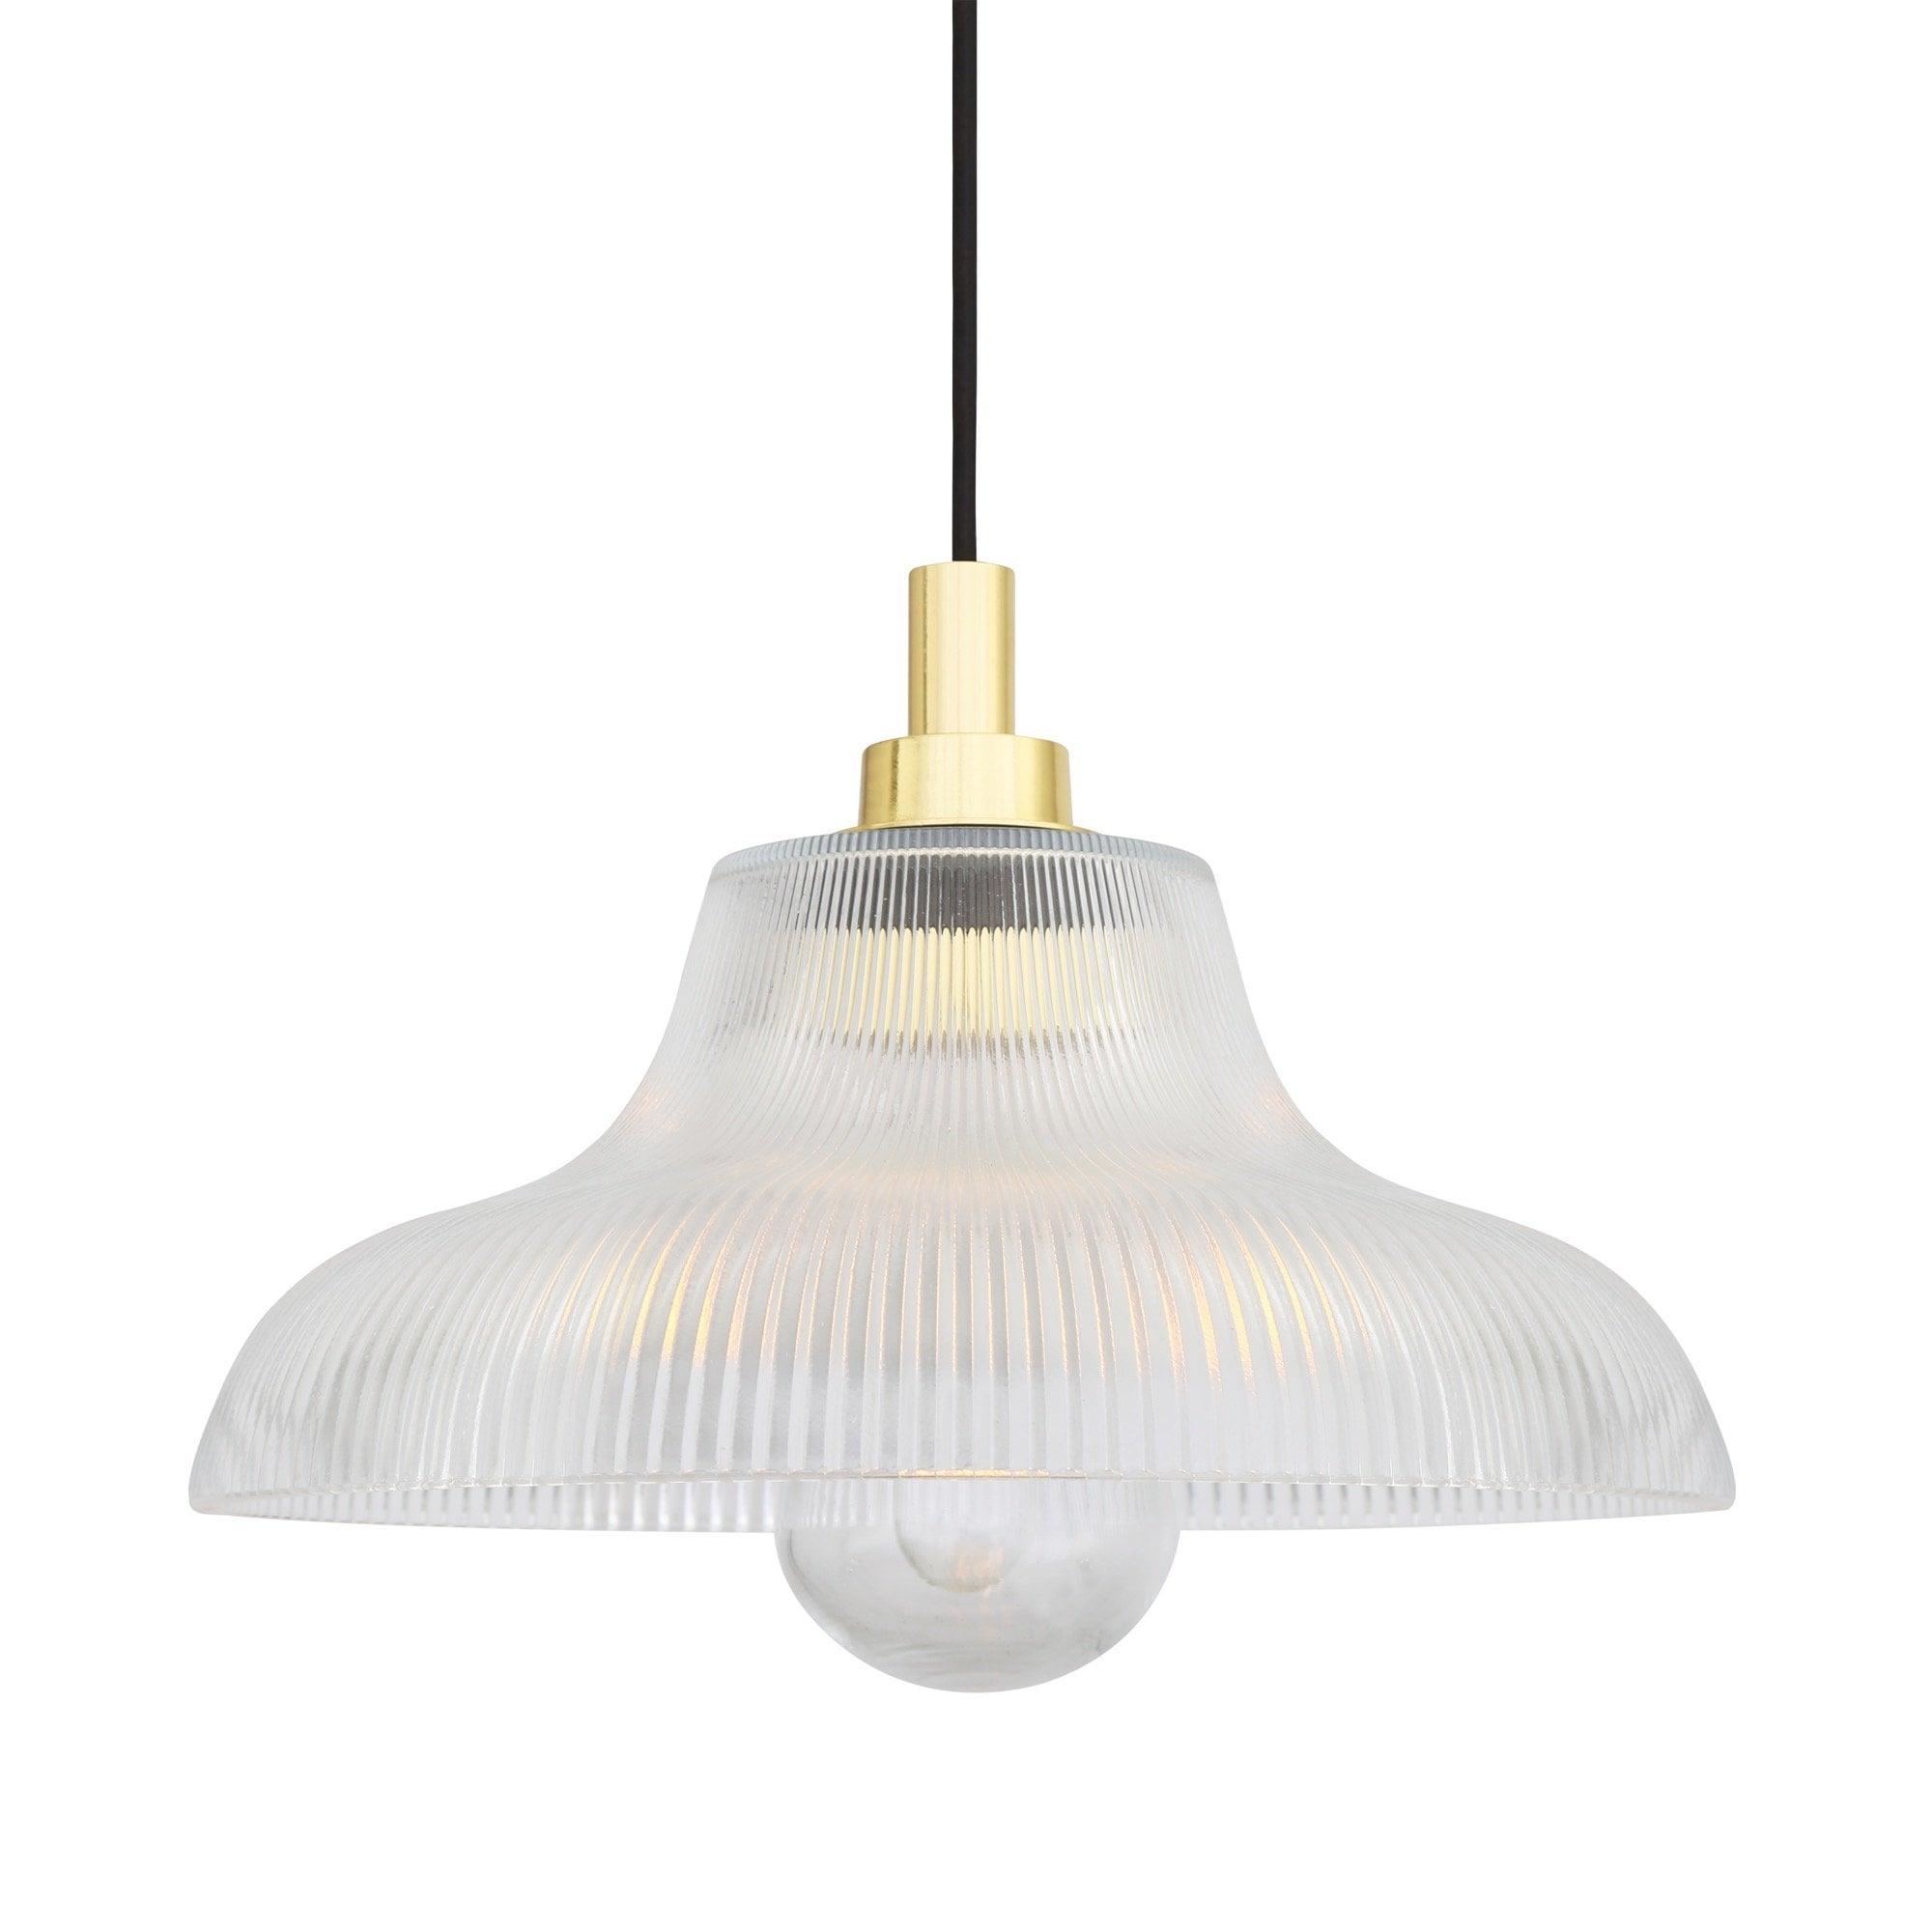 Aquarius Ceiling Pendant Light Brass Ip65 Bathroom Garden